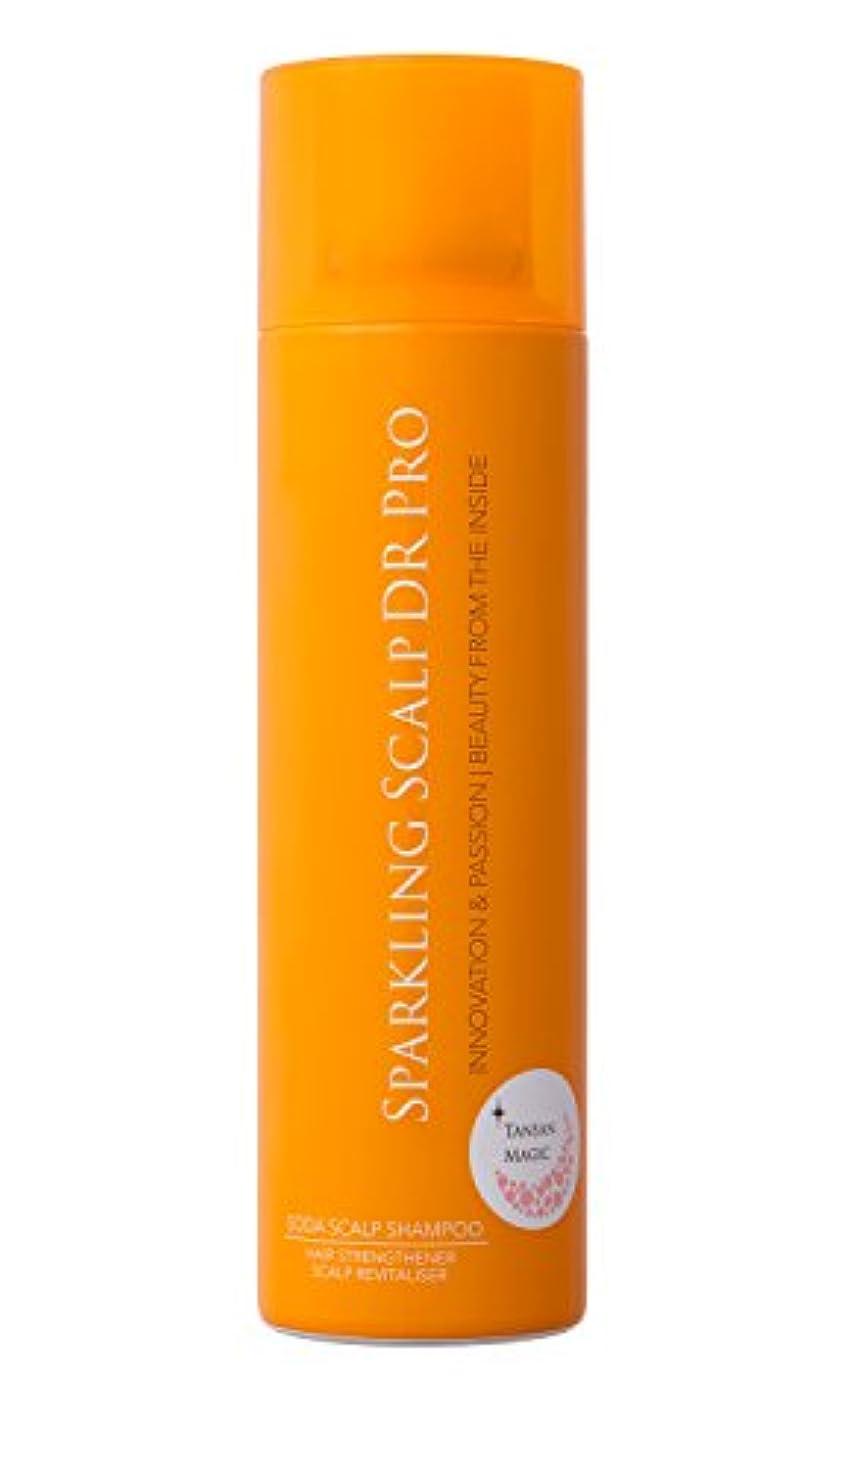 声を出して電話をかけるドレイン東洋炭酸研究所 スパークリングスカルプDRプロ 200g(炭酸シャンプー)